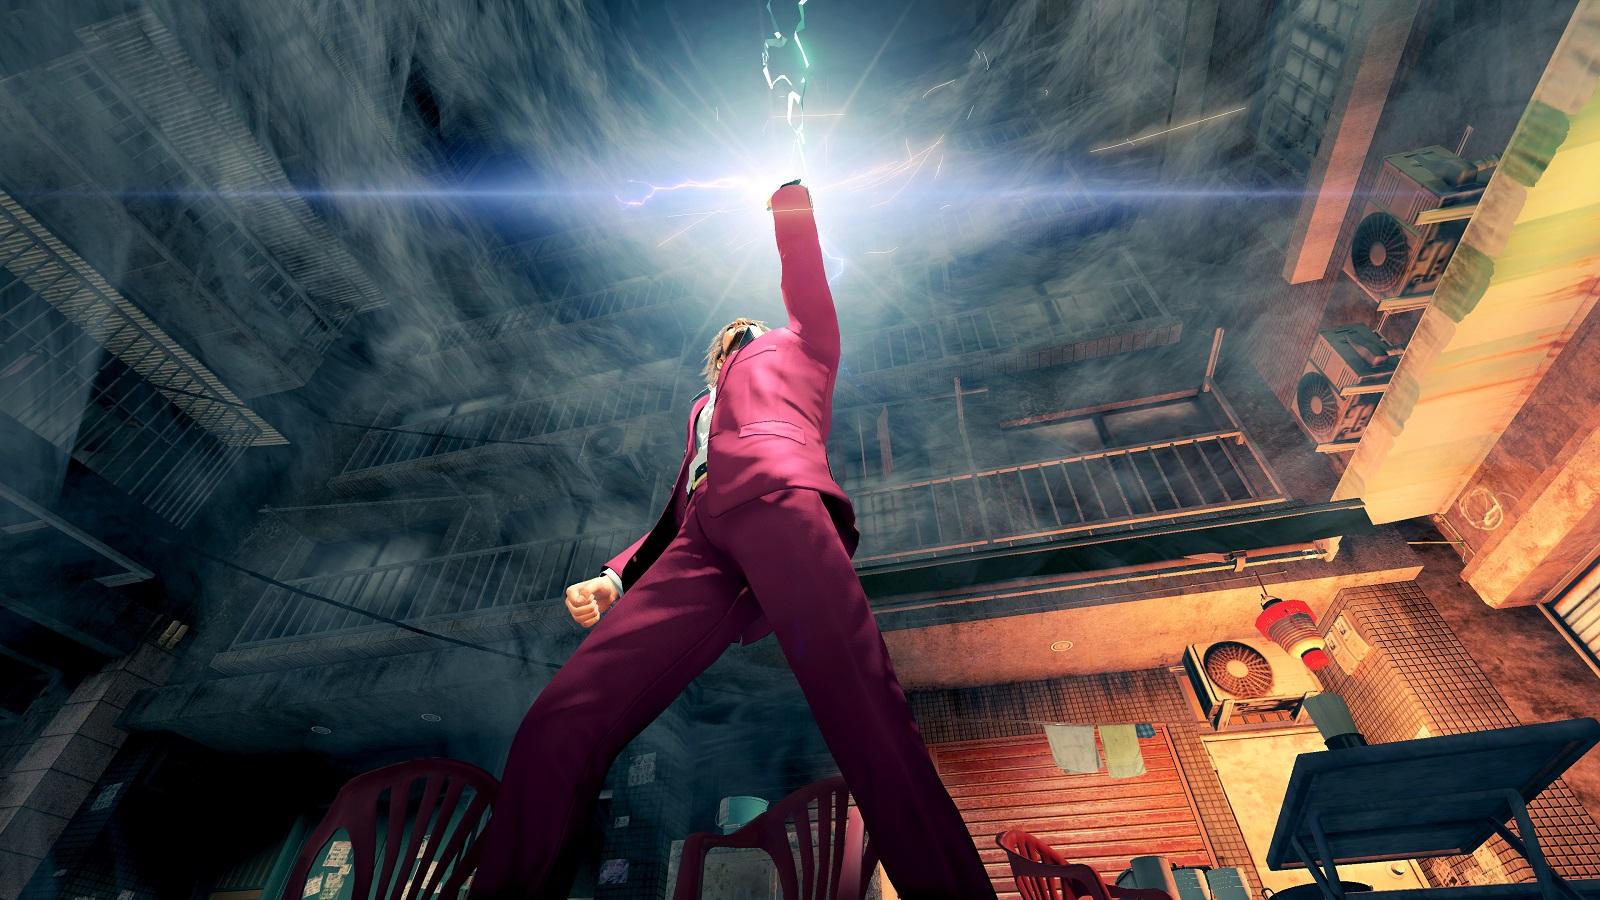 Игры серии Yakuza останутся пошаговыми RPG благодаря успеху Like a Dragon и появлению Judgment